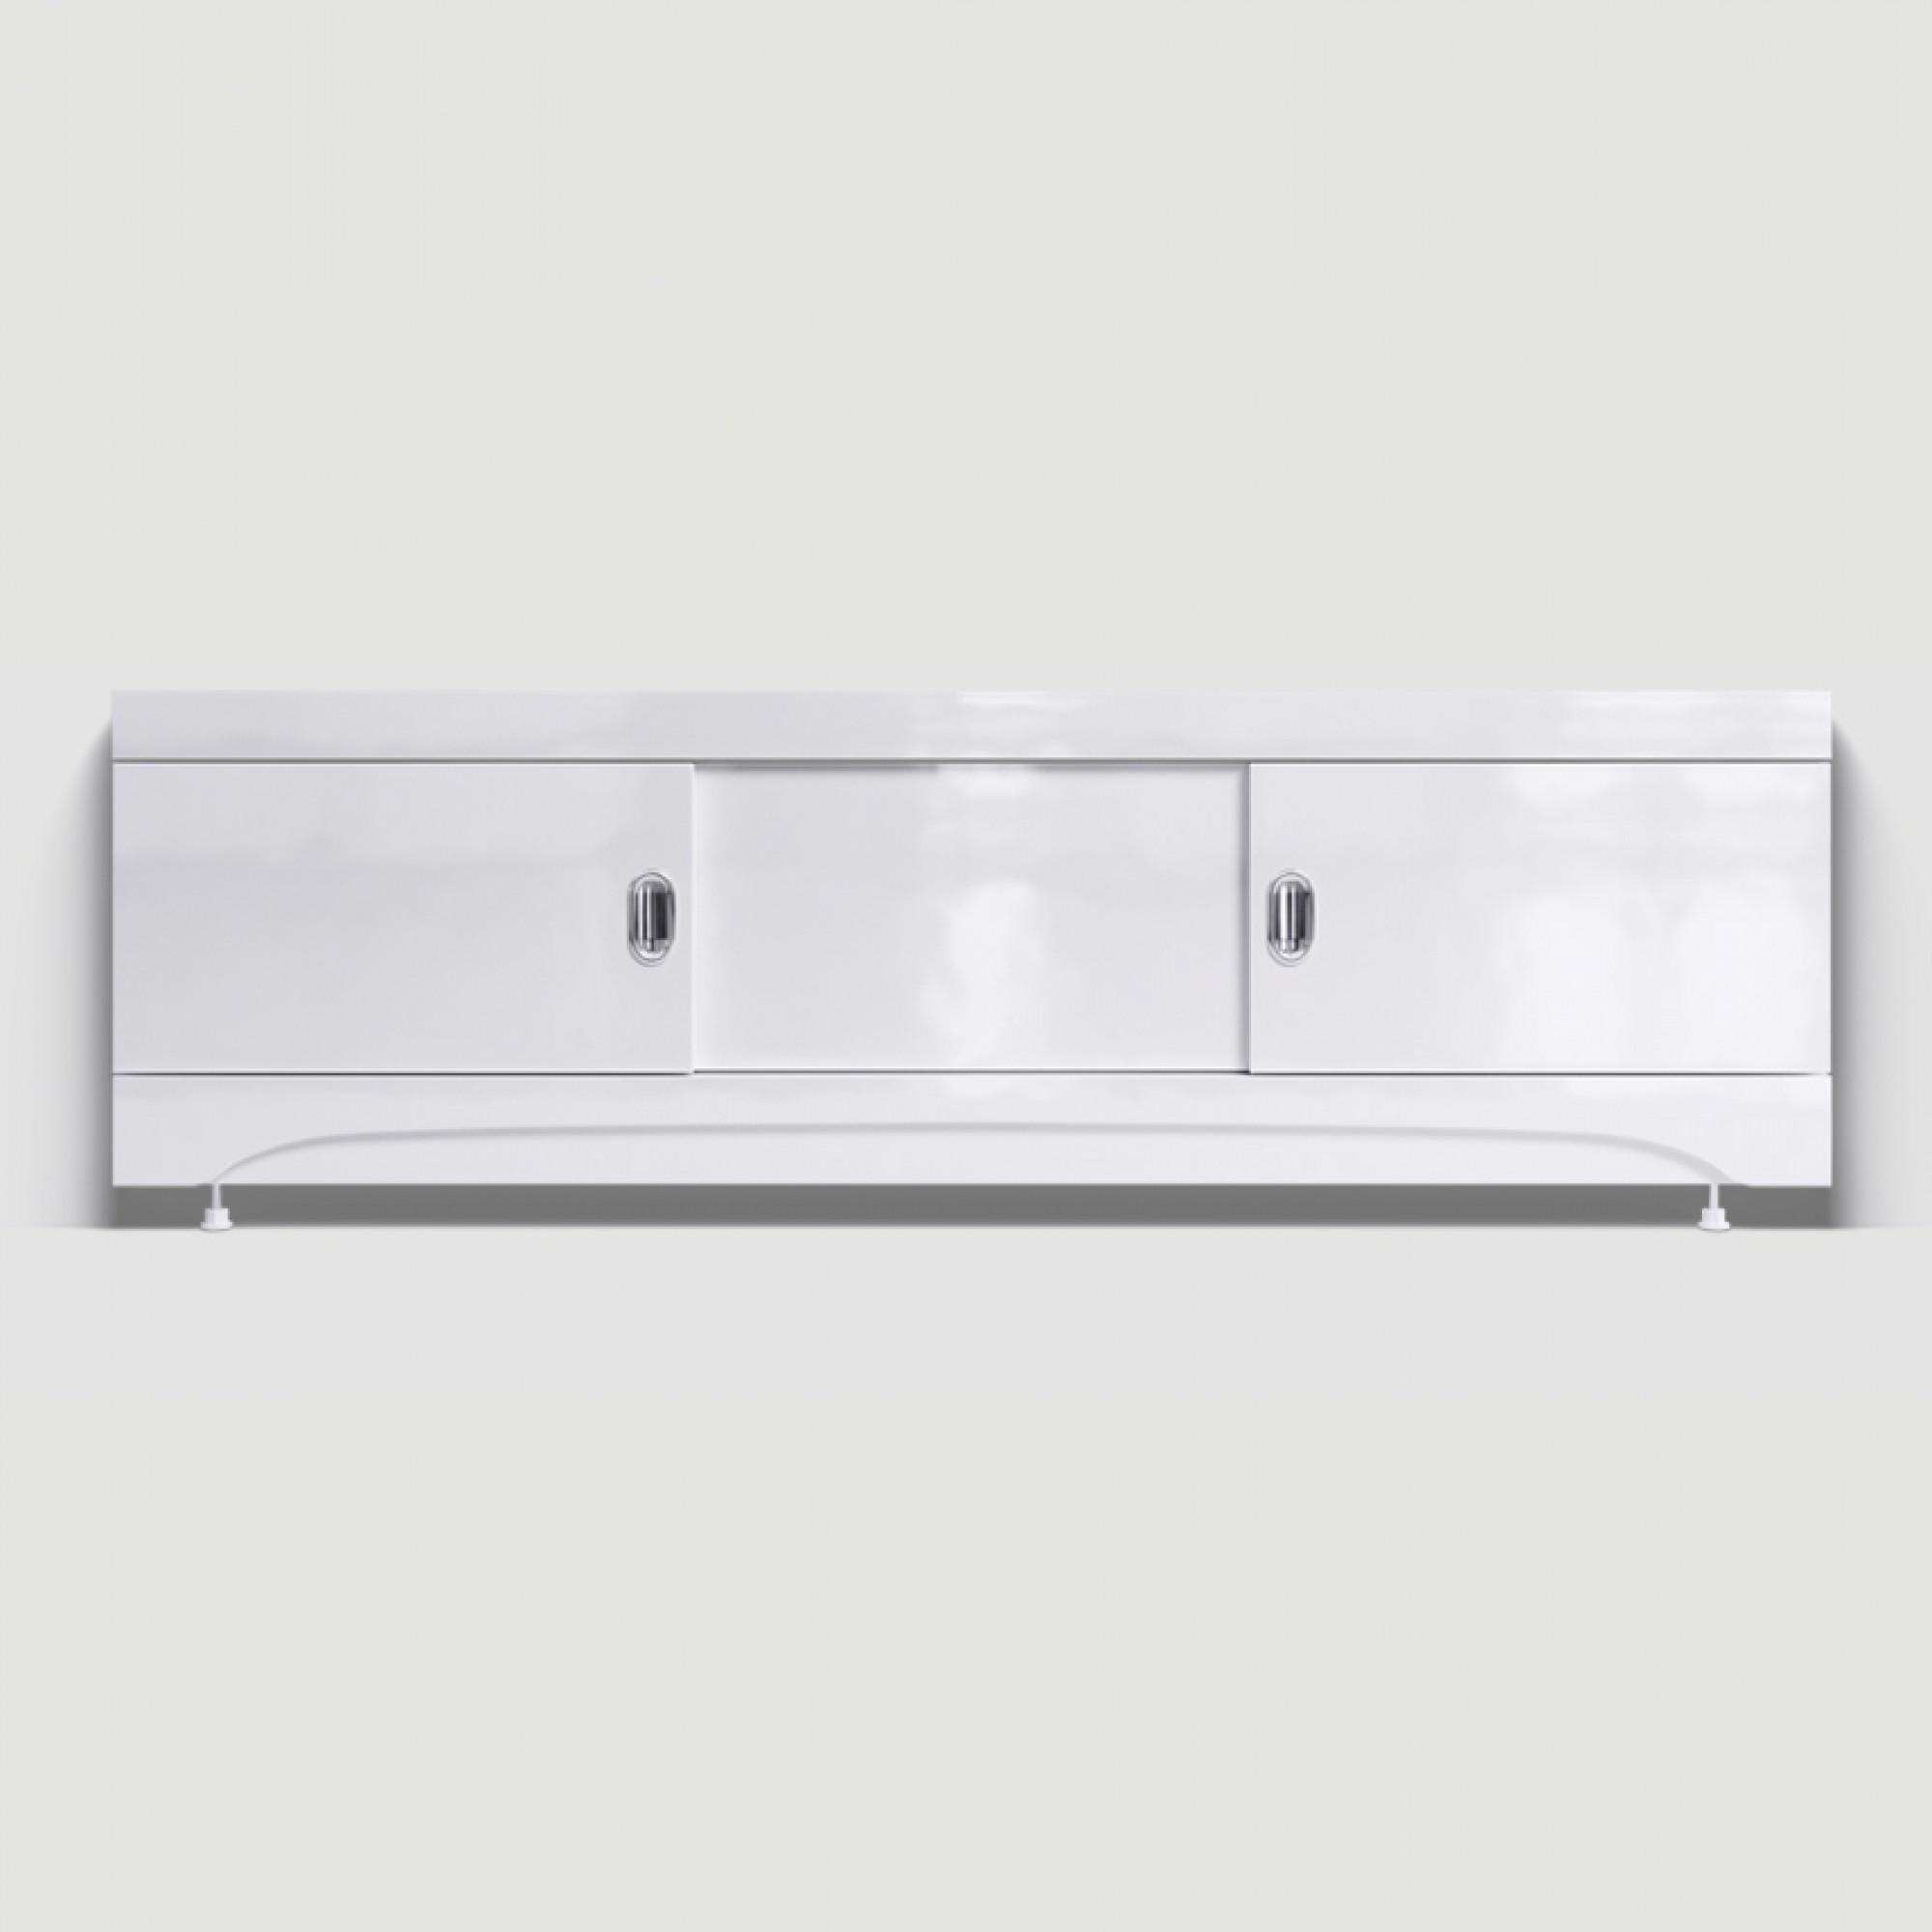 Экран под ванну раздвижной (купе) 160 см МДФ белый